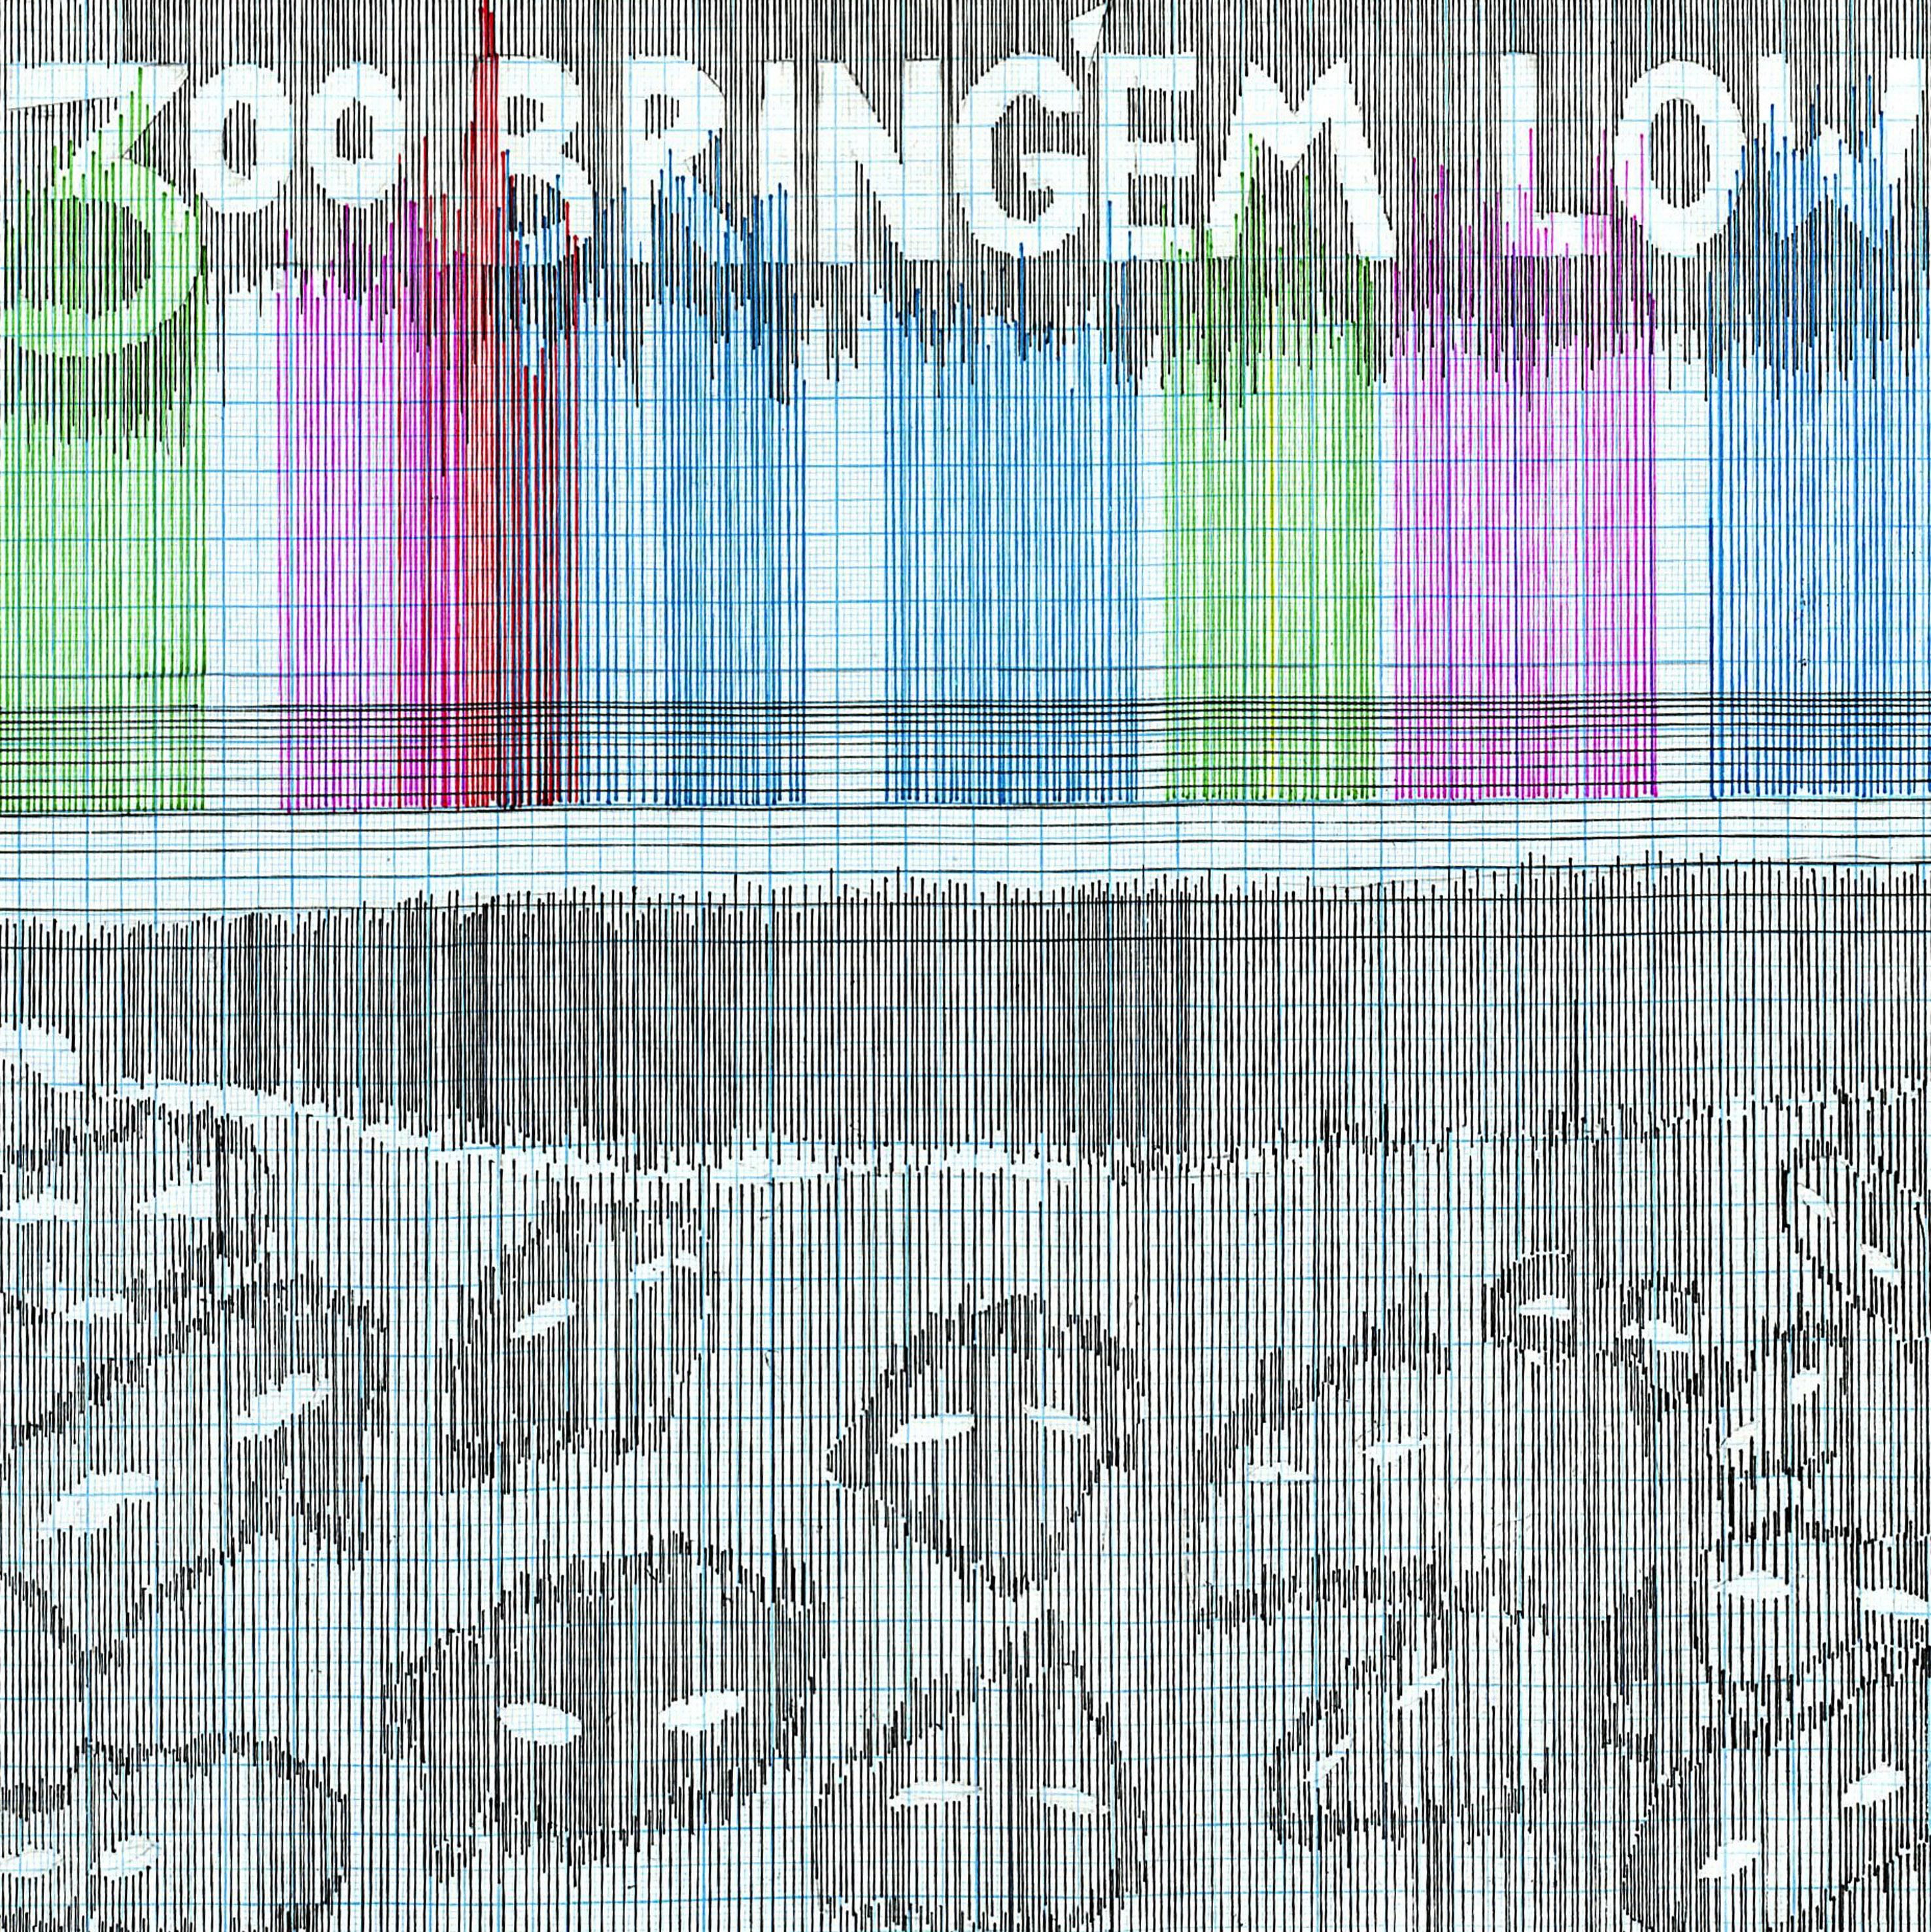 V/A: 300 – Bring'em Low (20kbps MP3)